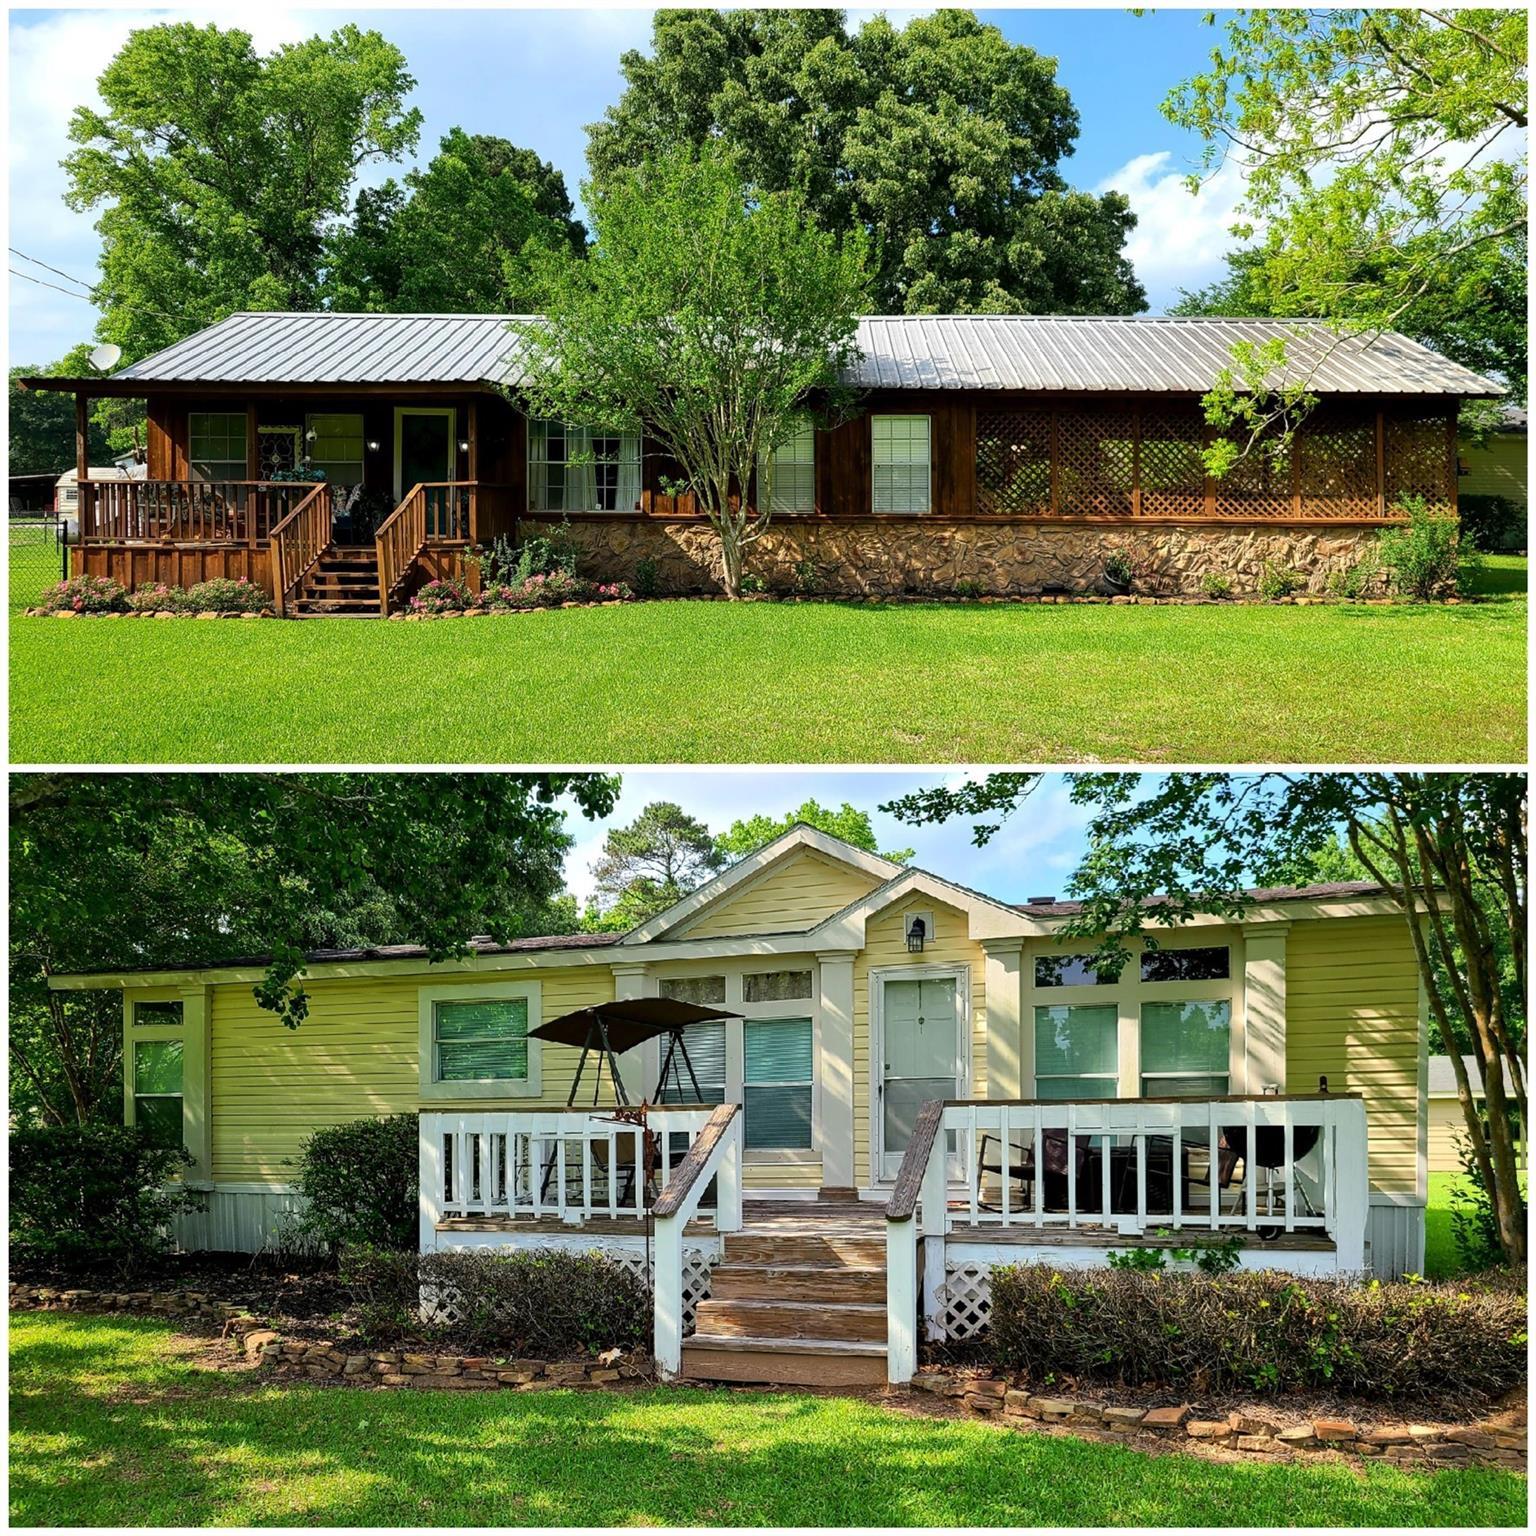 44288 W Hwy 105 Property Photo